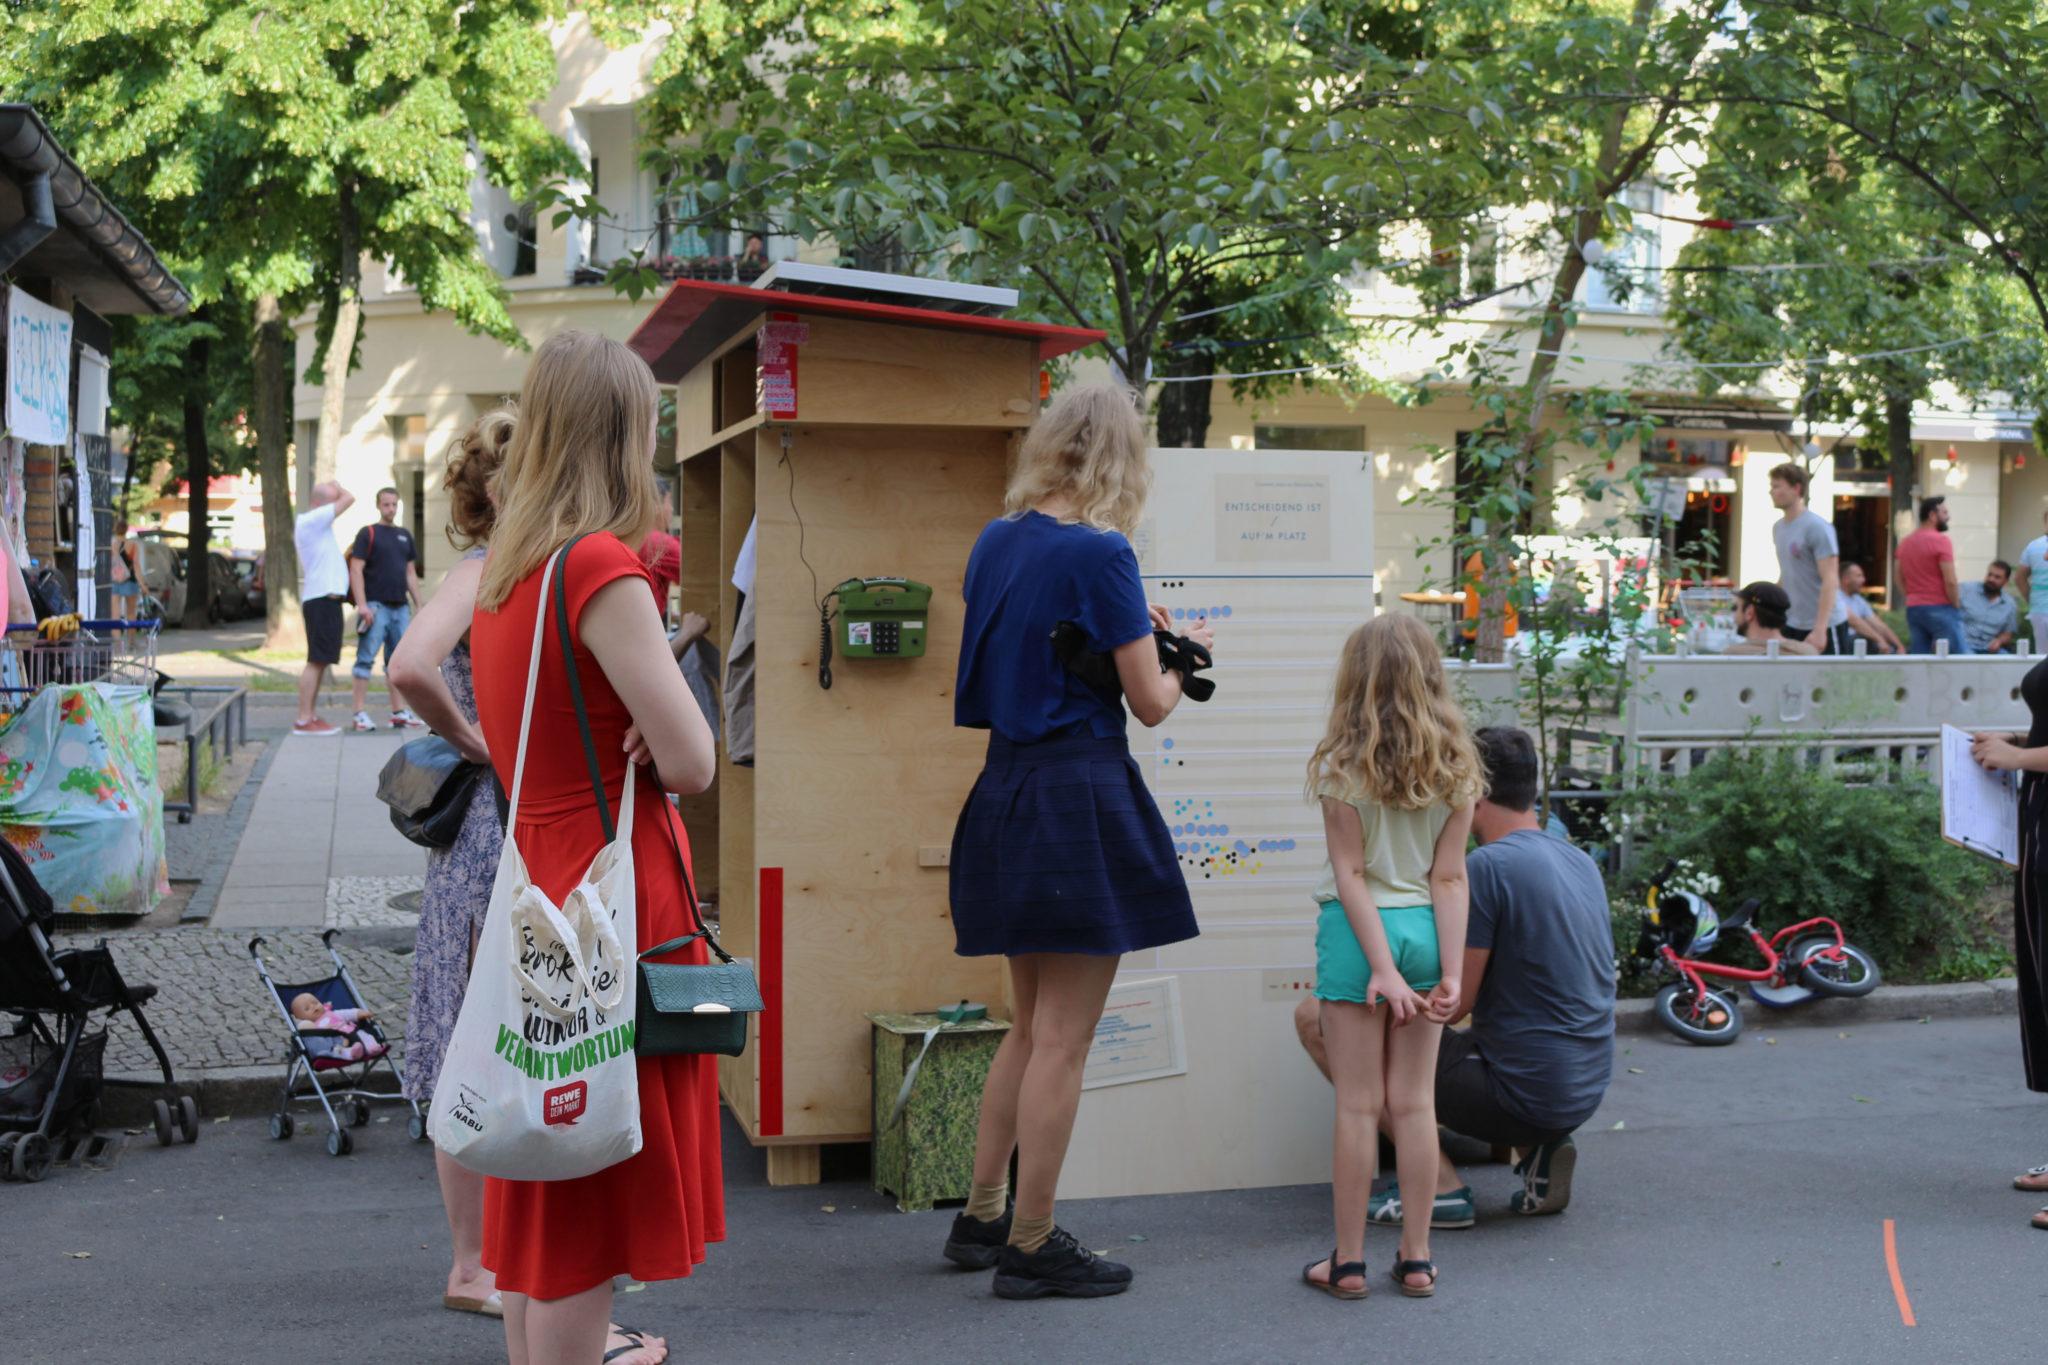 Zusammen_Leben am Böhmischen Platz